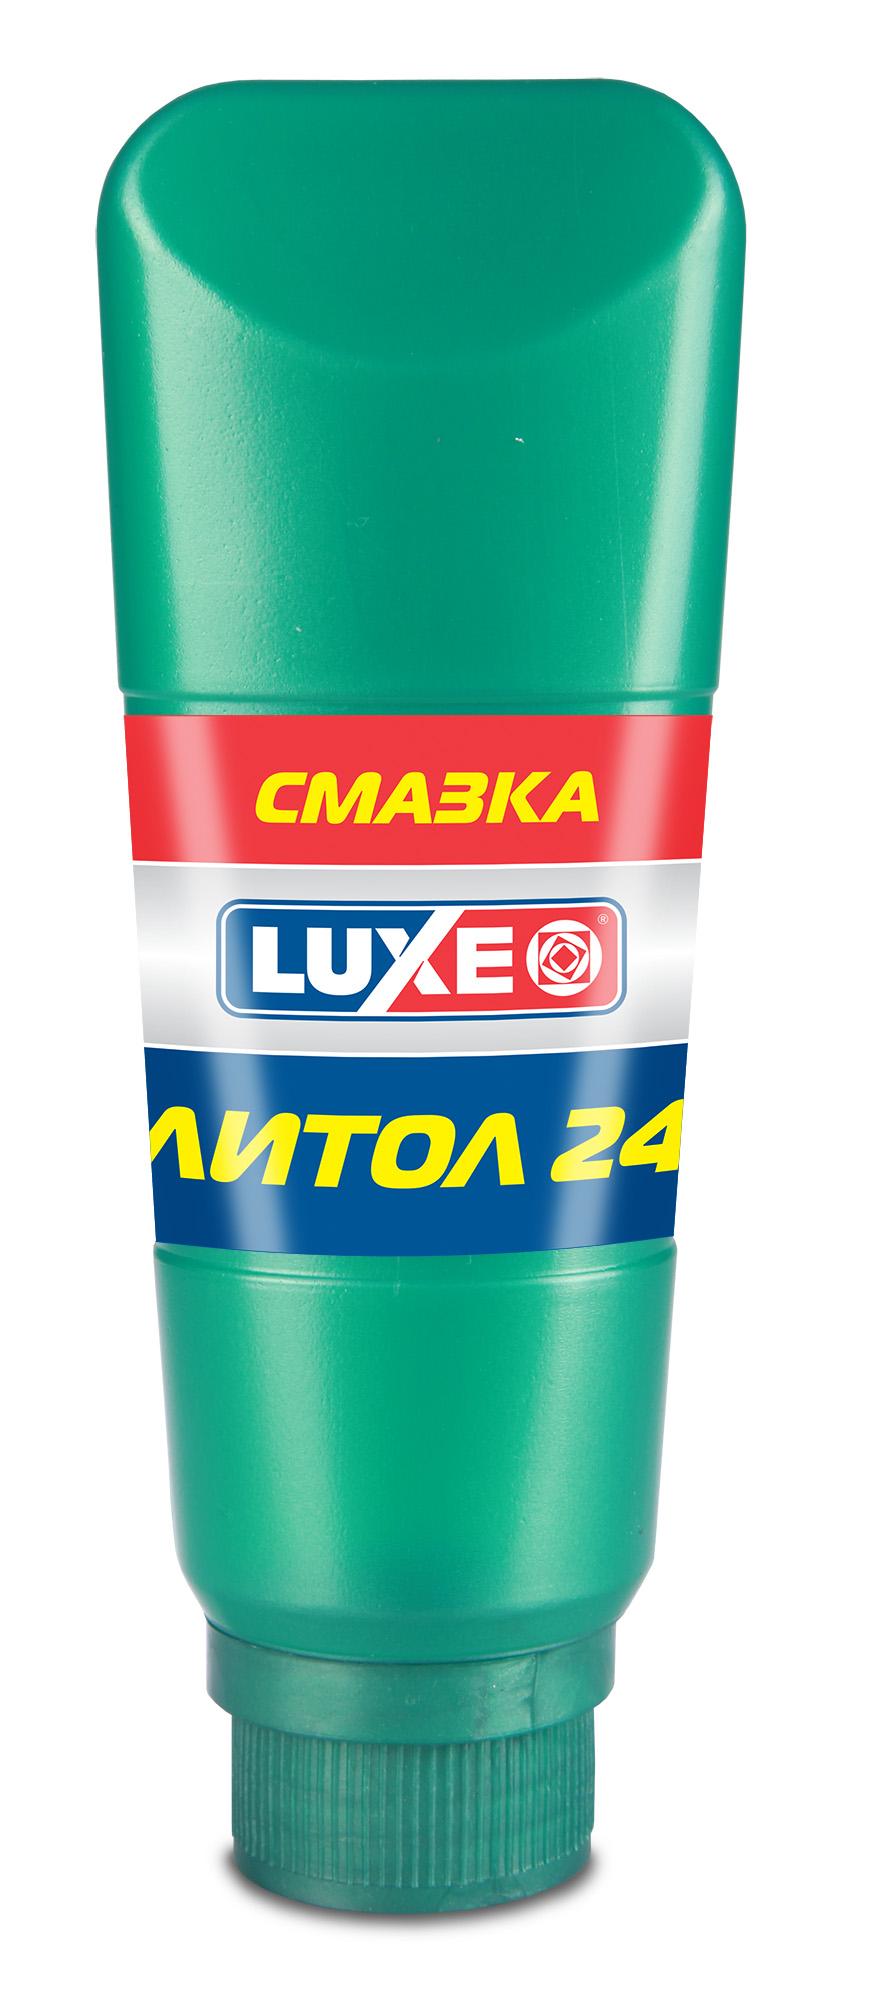 Литол 24 Luxe тюбик 160 г 726